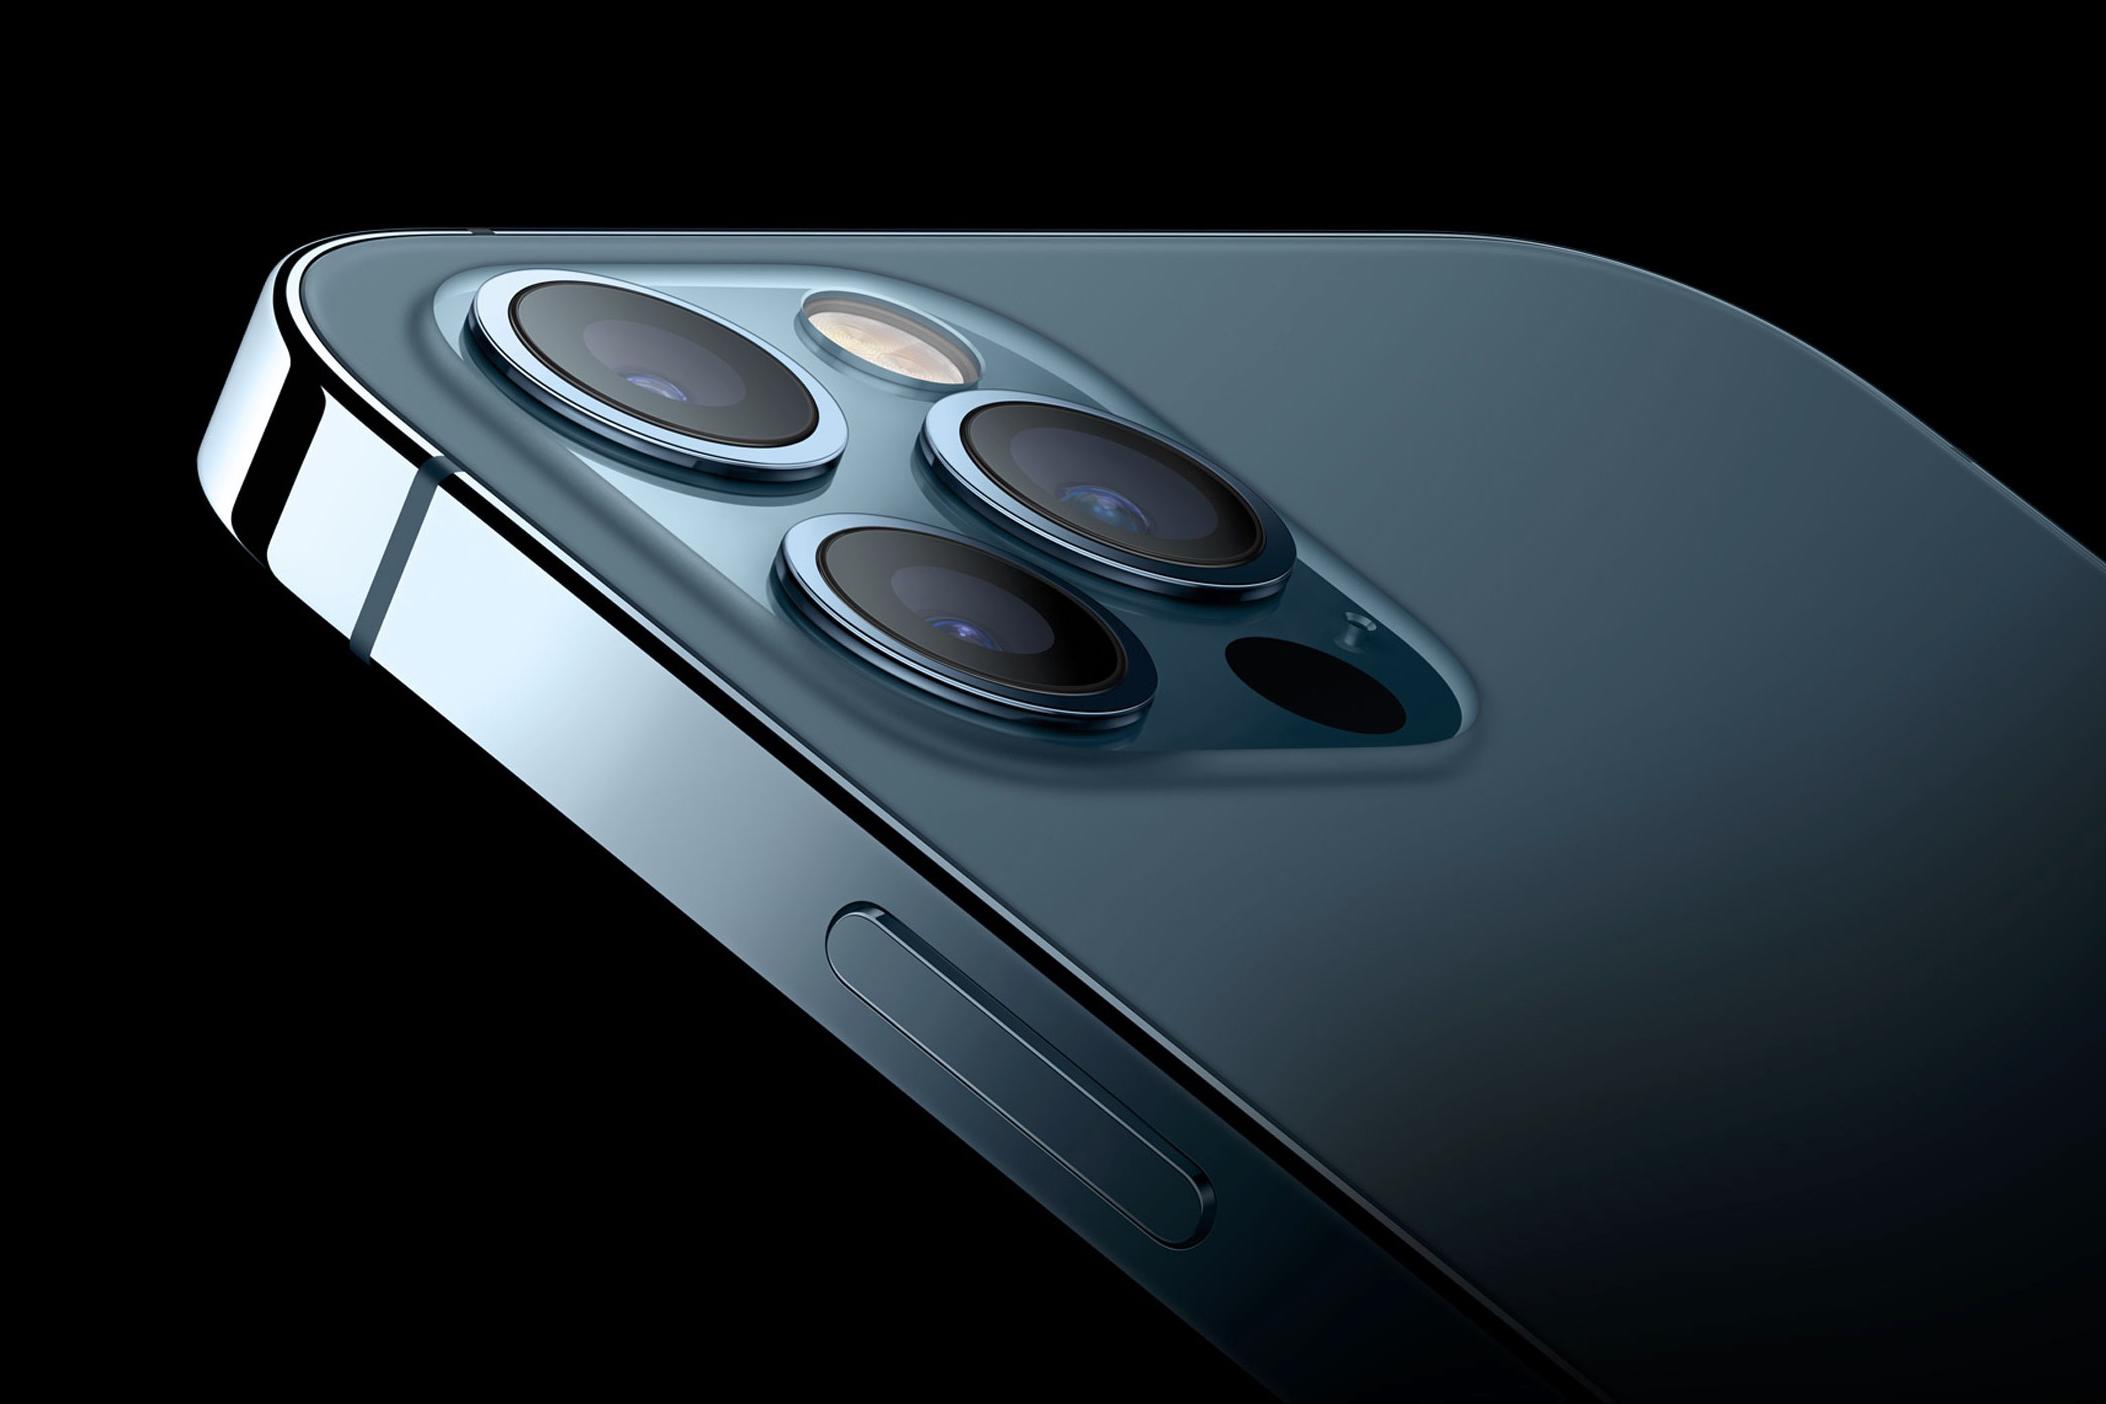 المراجعة الأولية الكاملة لمواصفات هاتف iPhone 12 Pro الجديد